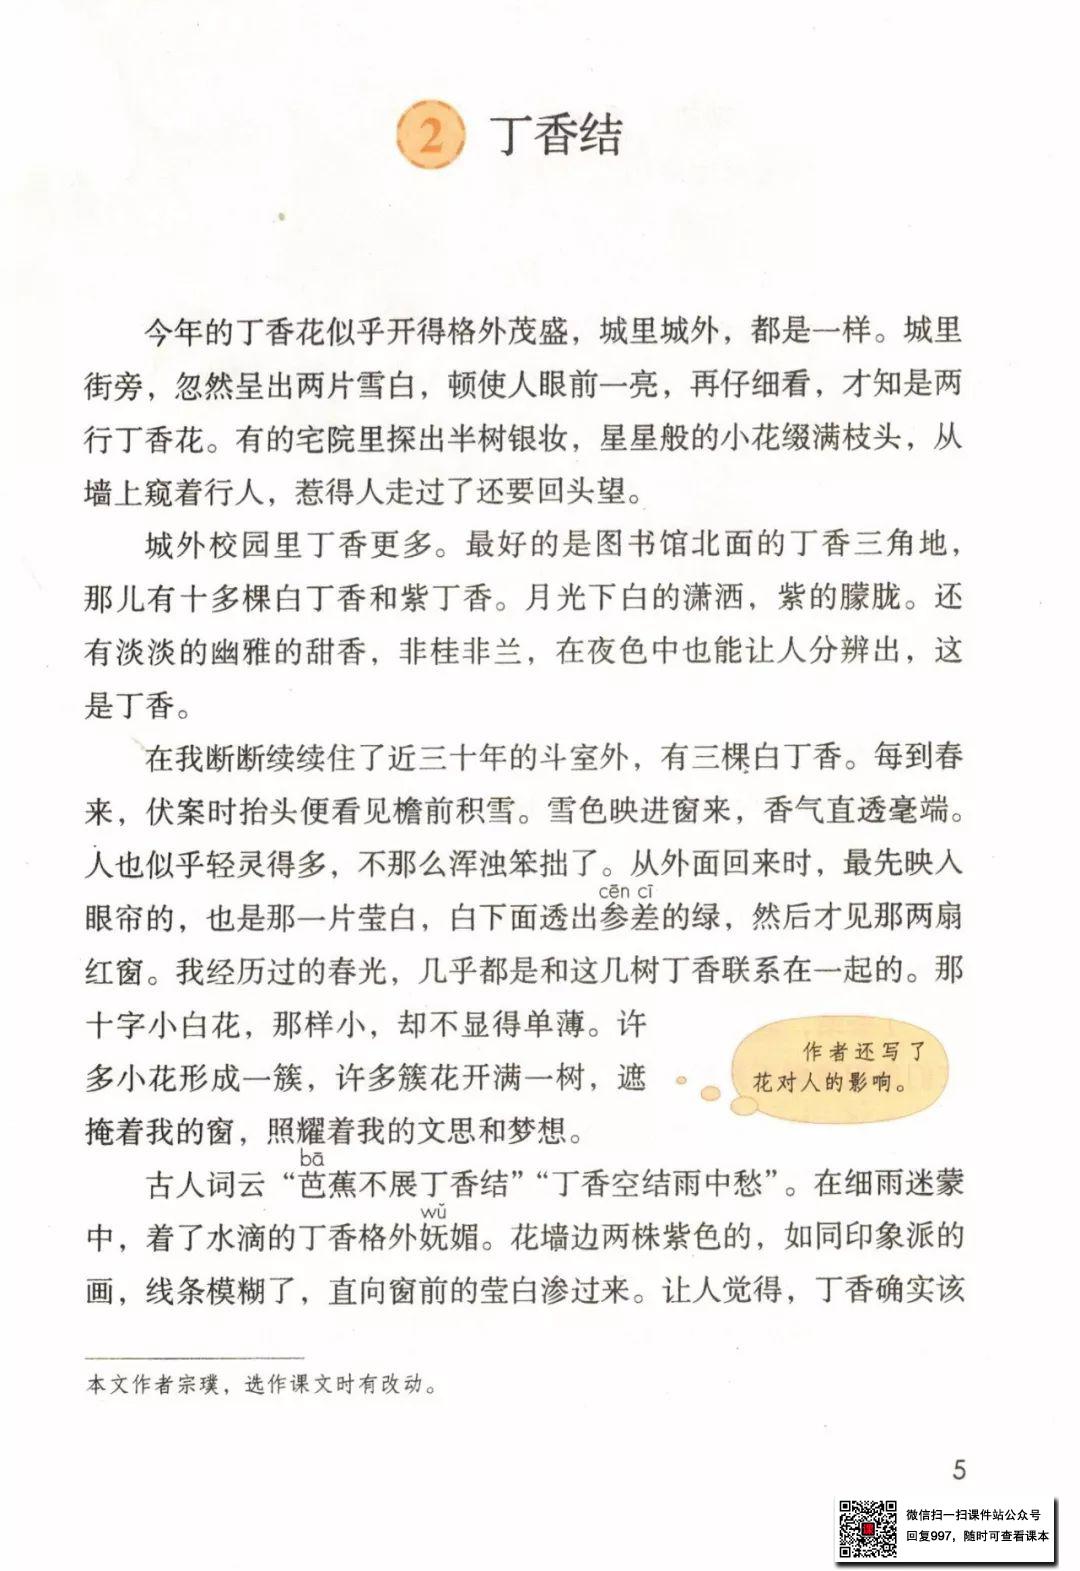 2 丁香结(第10页)